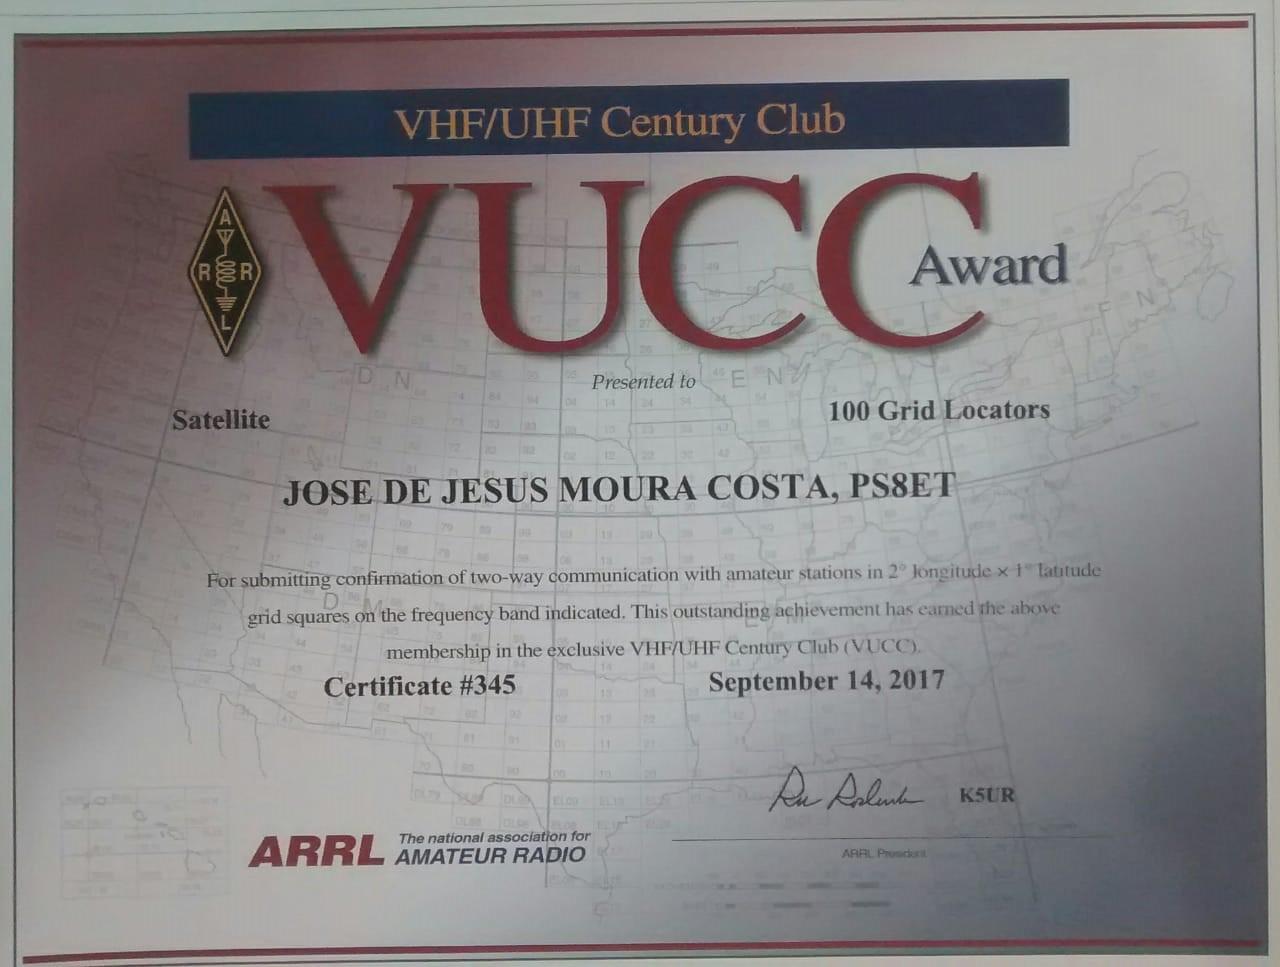 Certificado VUCC nº 345 - Satelitte